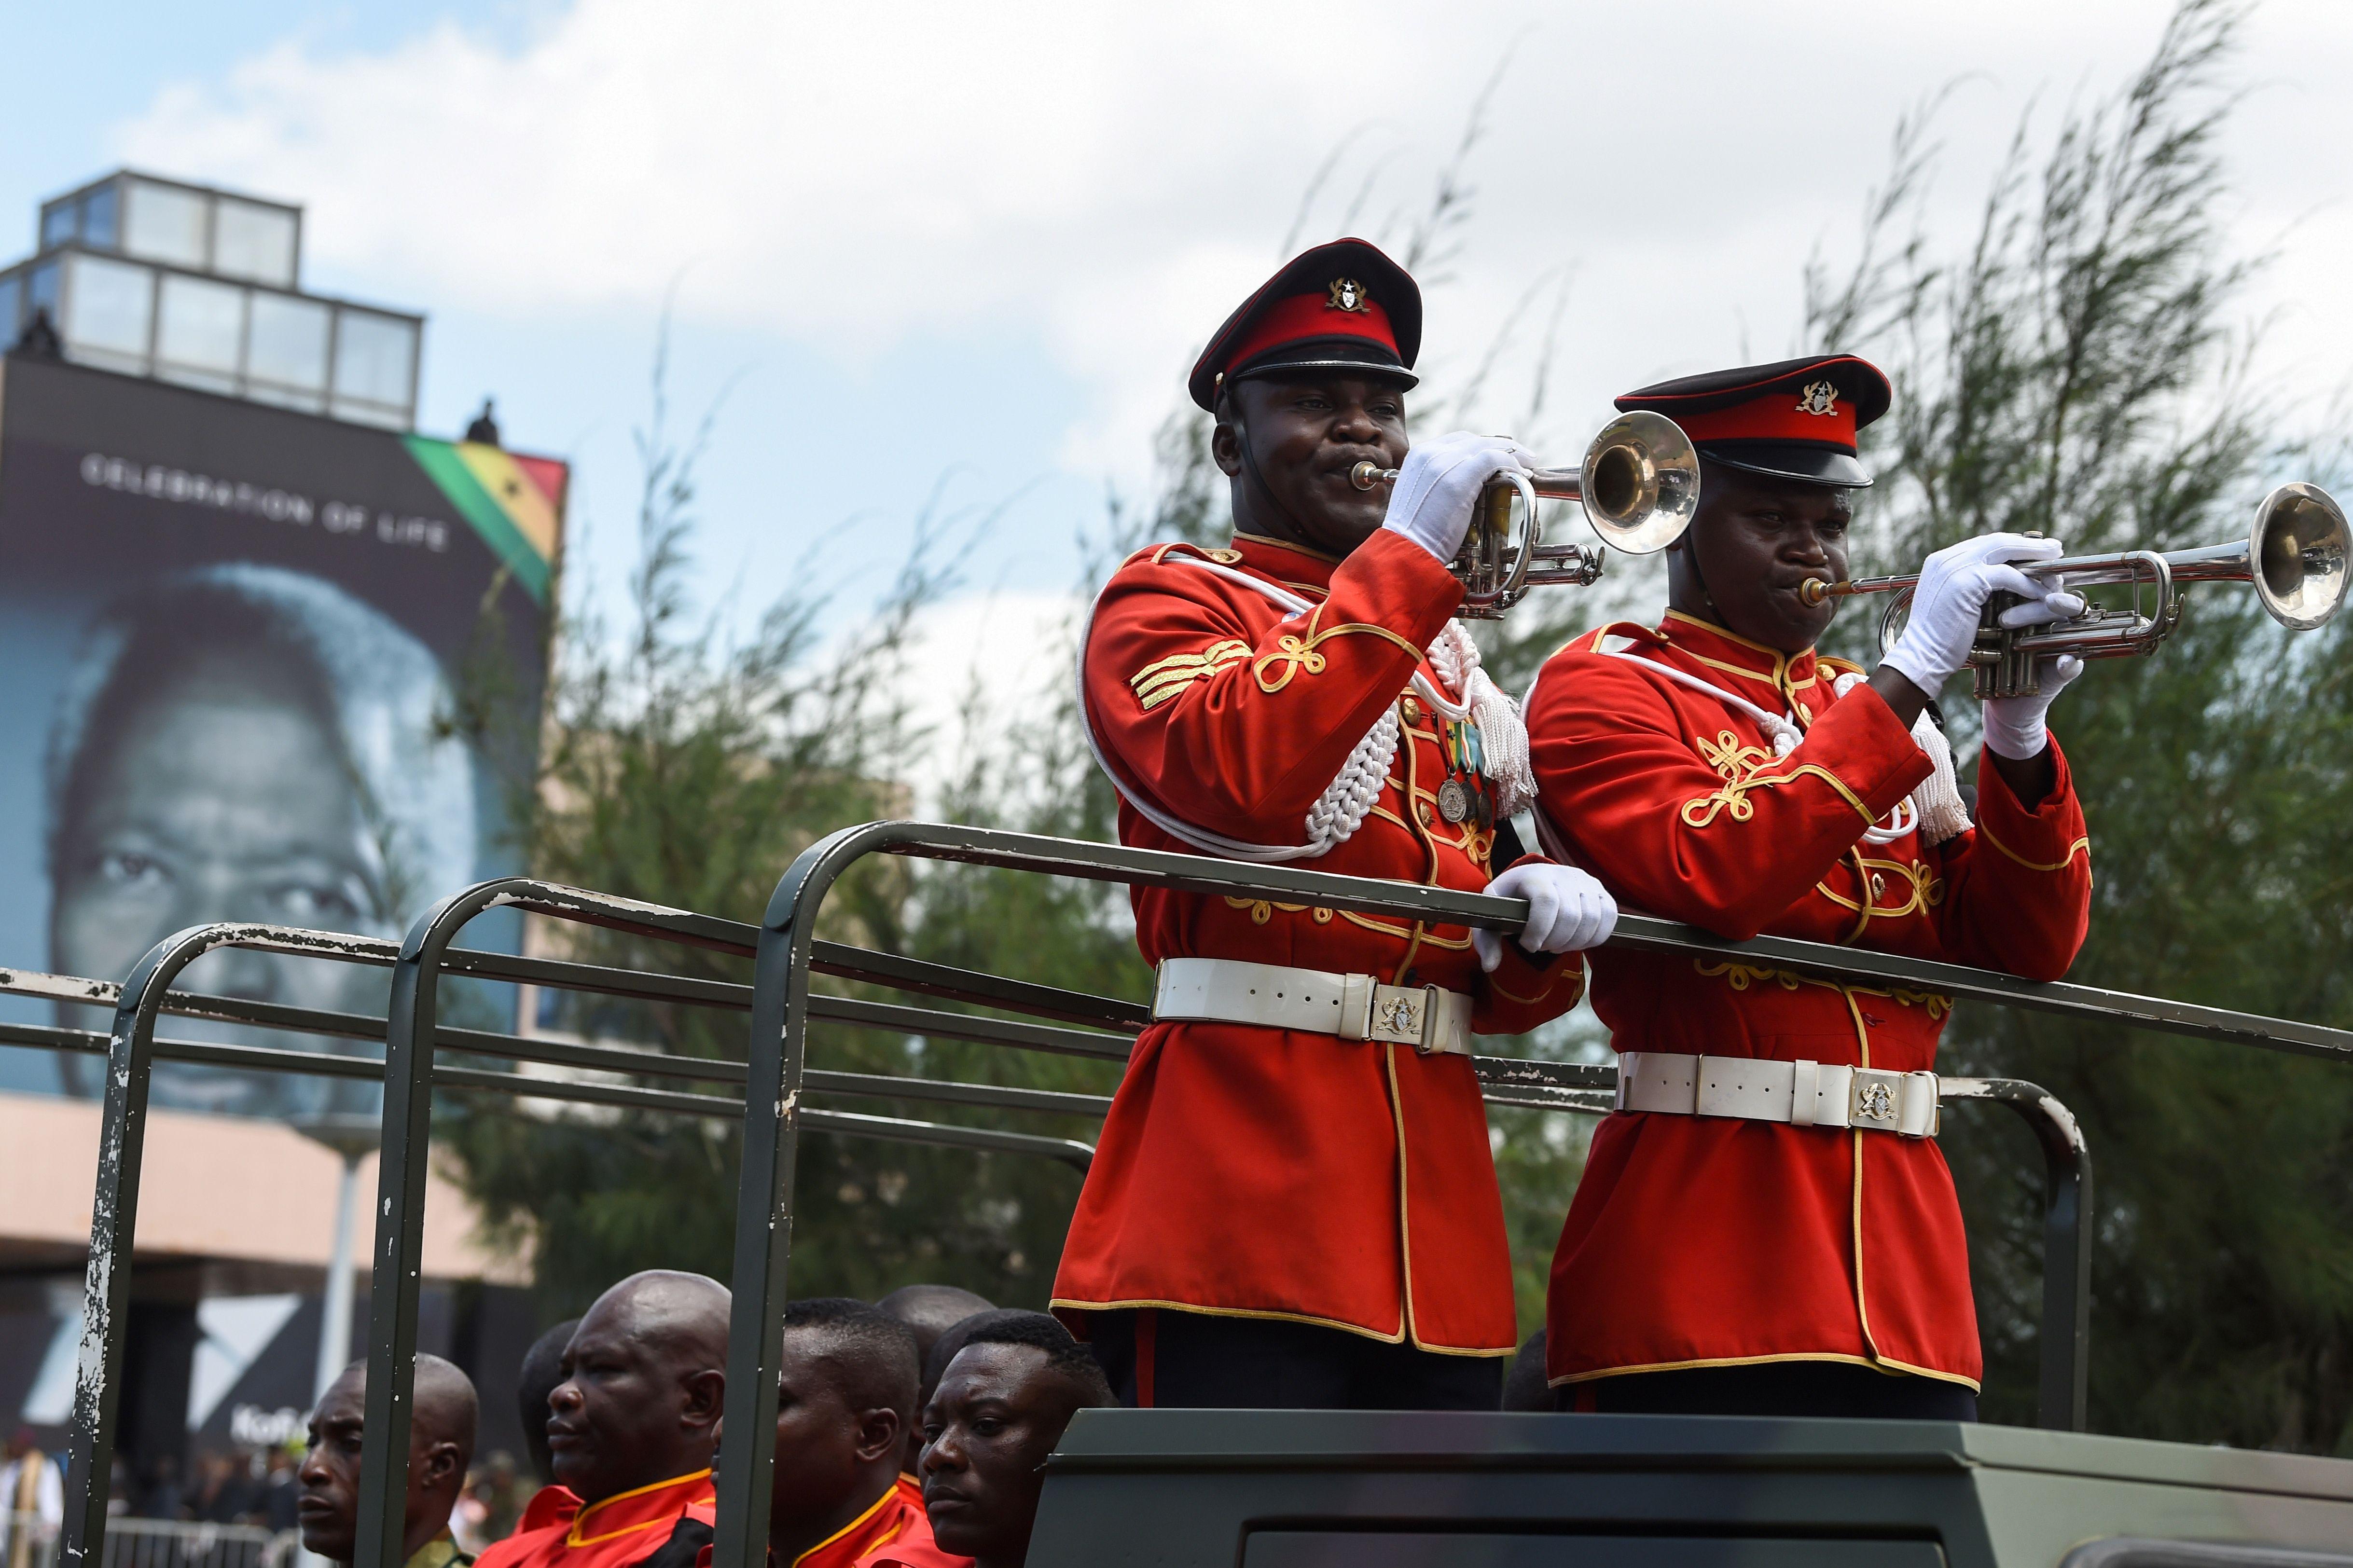 جنازة عسكرية لكوفى عنان